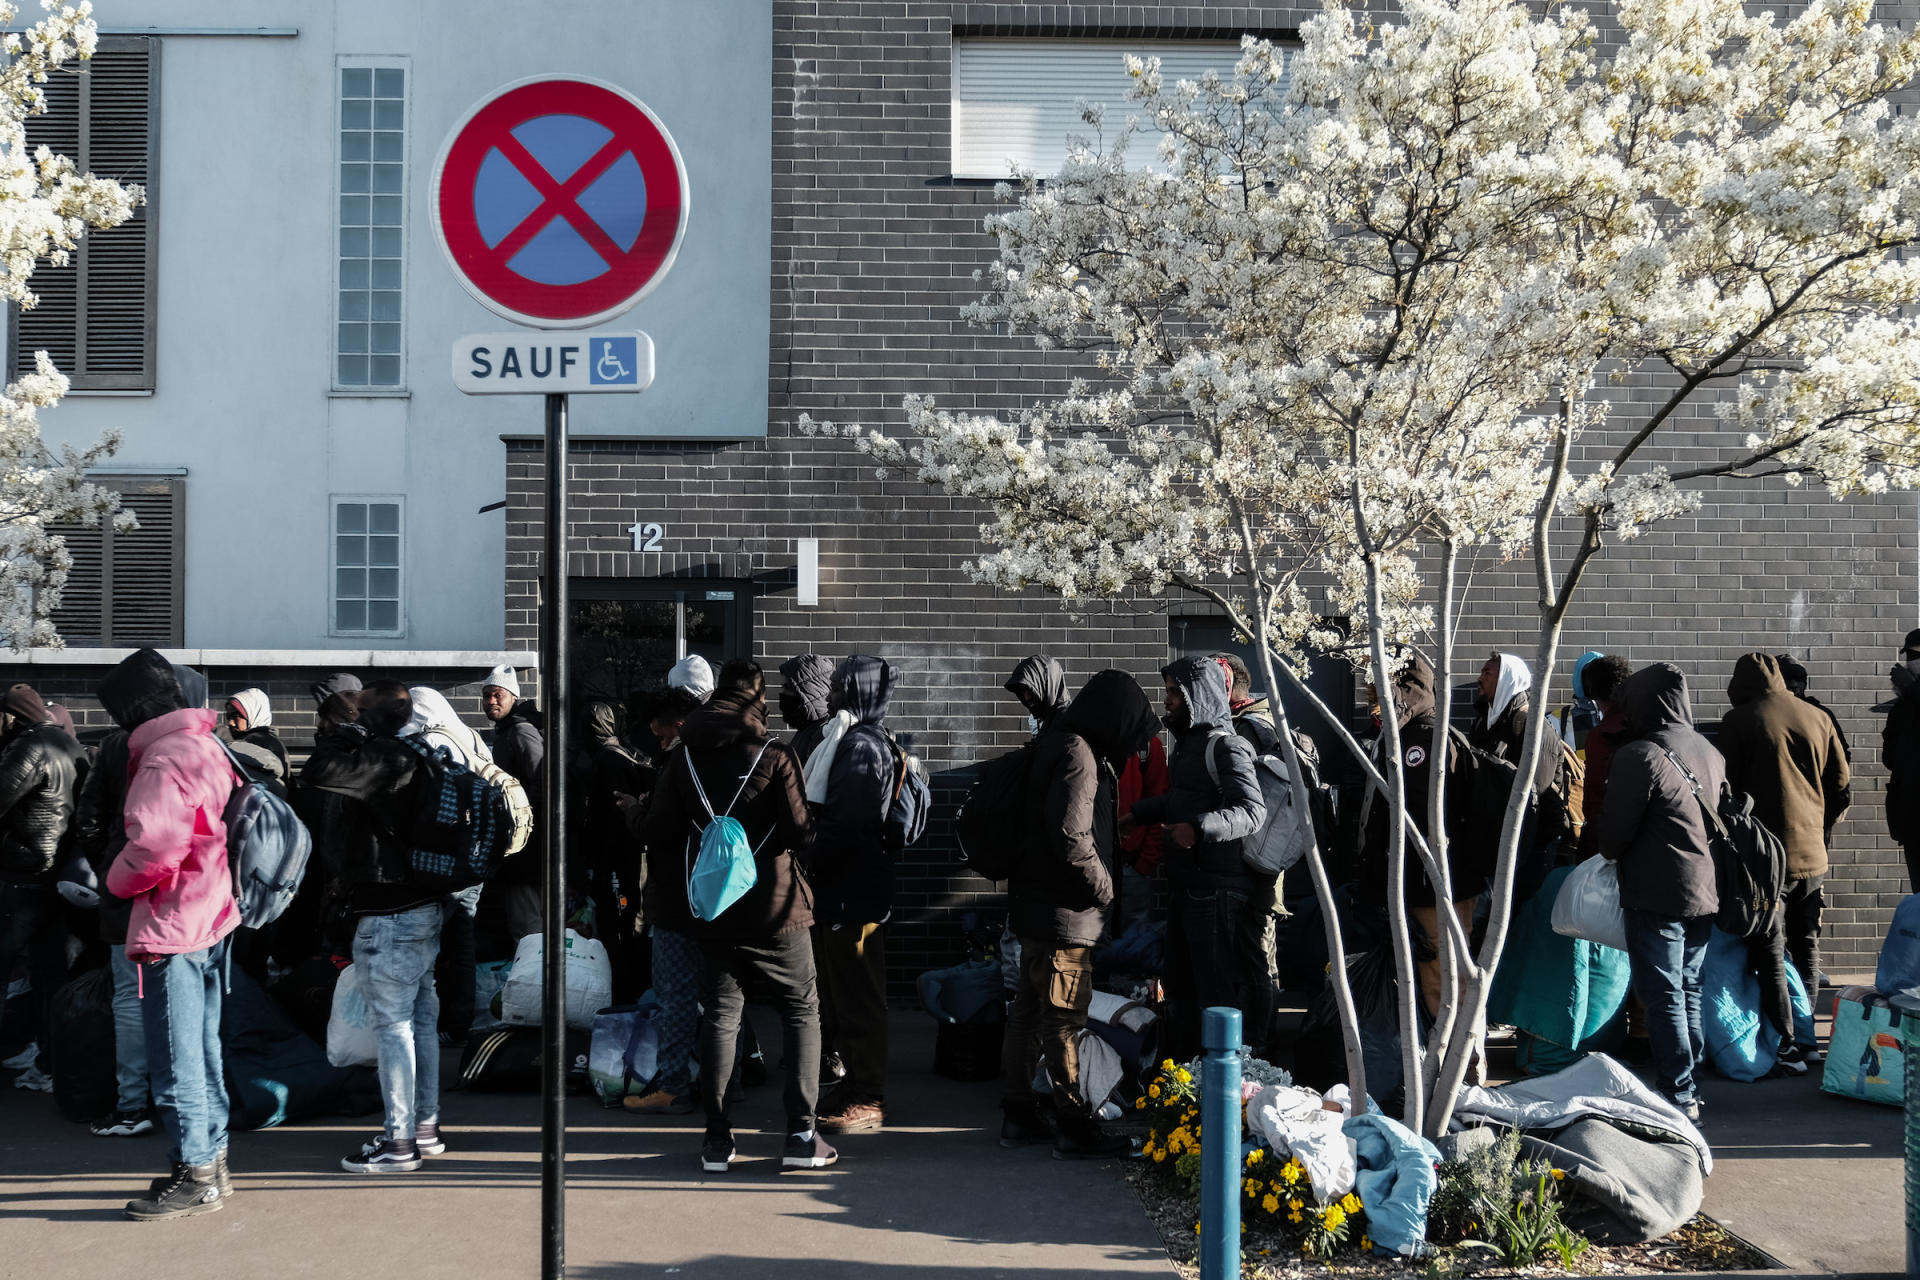 Des migrants du camp d'Auvervilliers attendent en file indienne avant d'être transportés, dans des bus, vers des centres d'hébergement d'urgence.